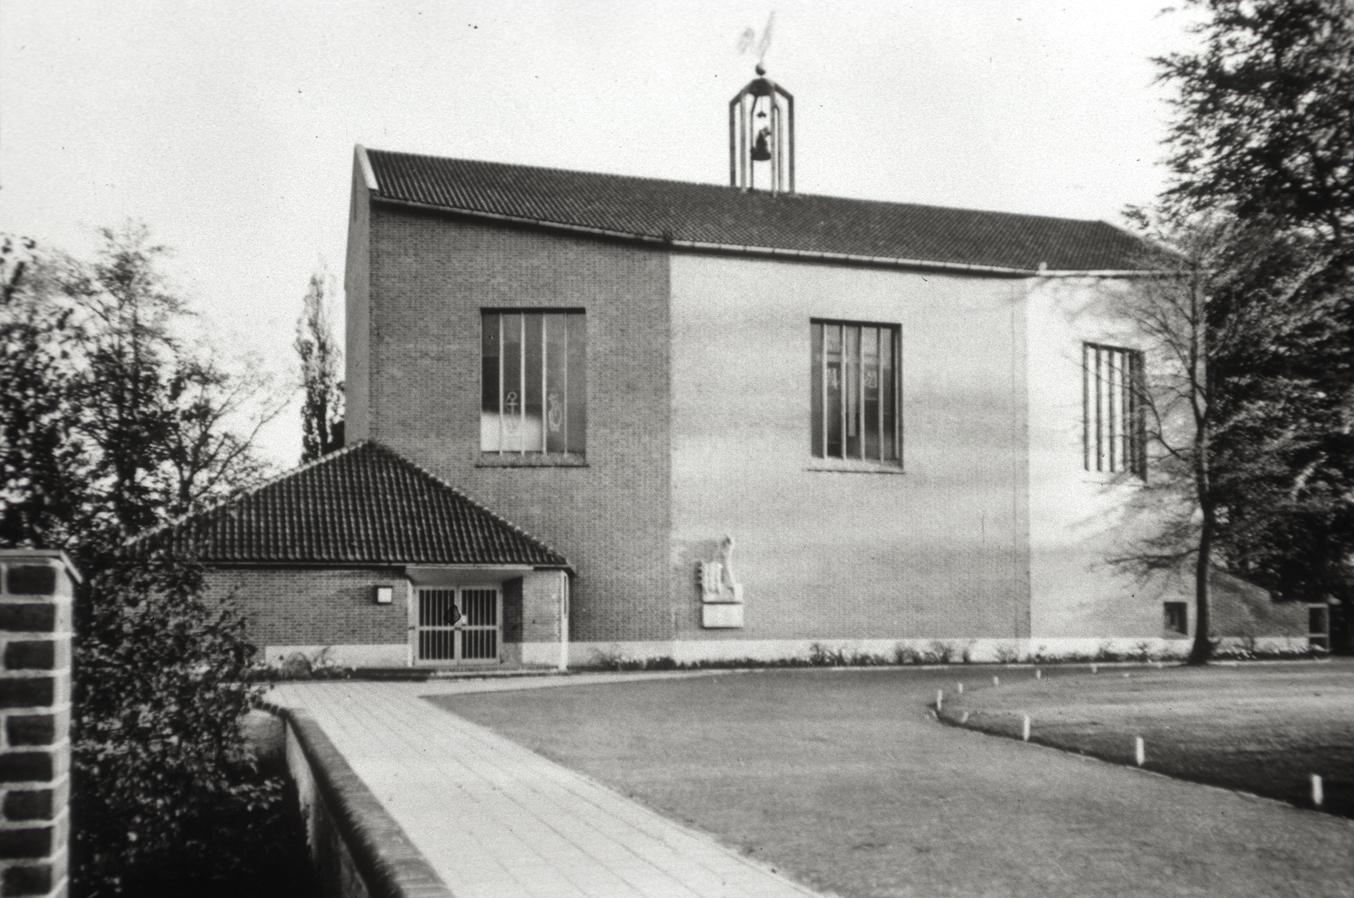 De goede herderkerk te oosterbeek en de architect frits adolf eschauzier heemkunde renkum - Hal ingang ontwerp ...